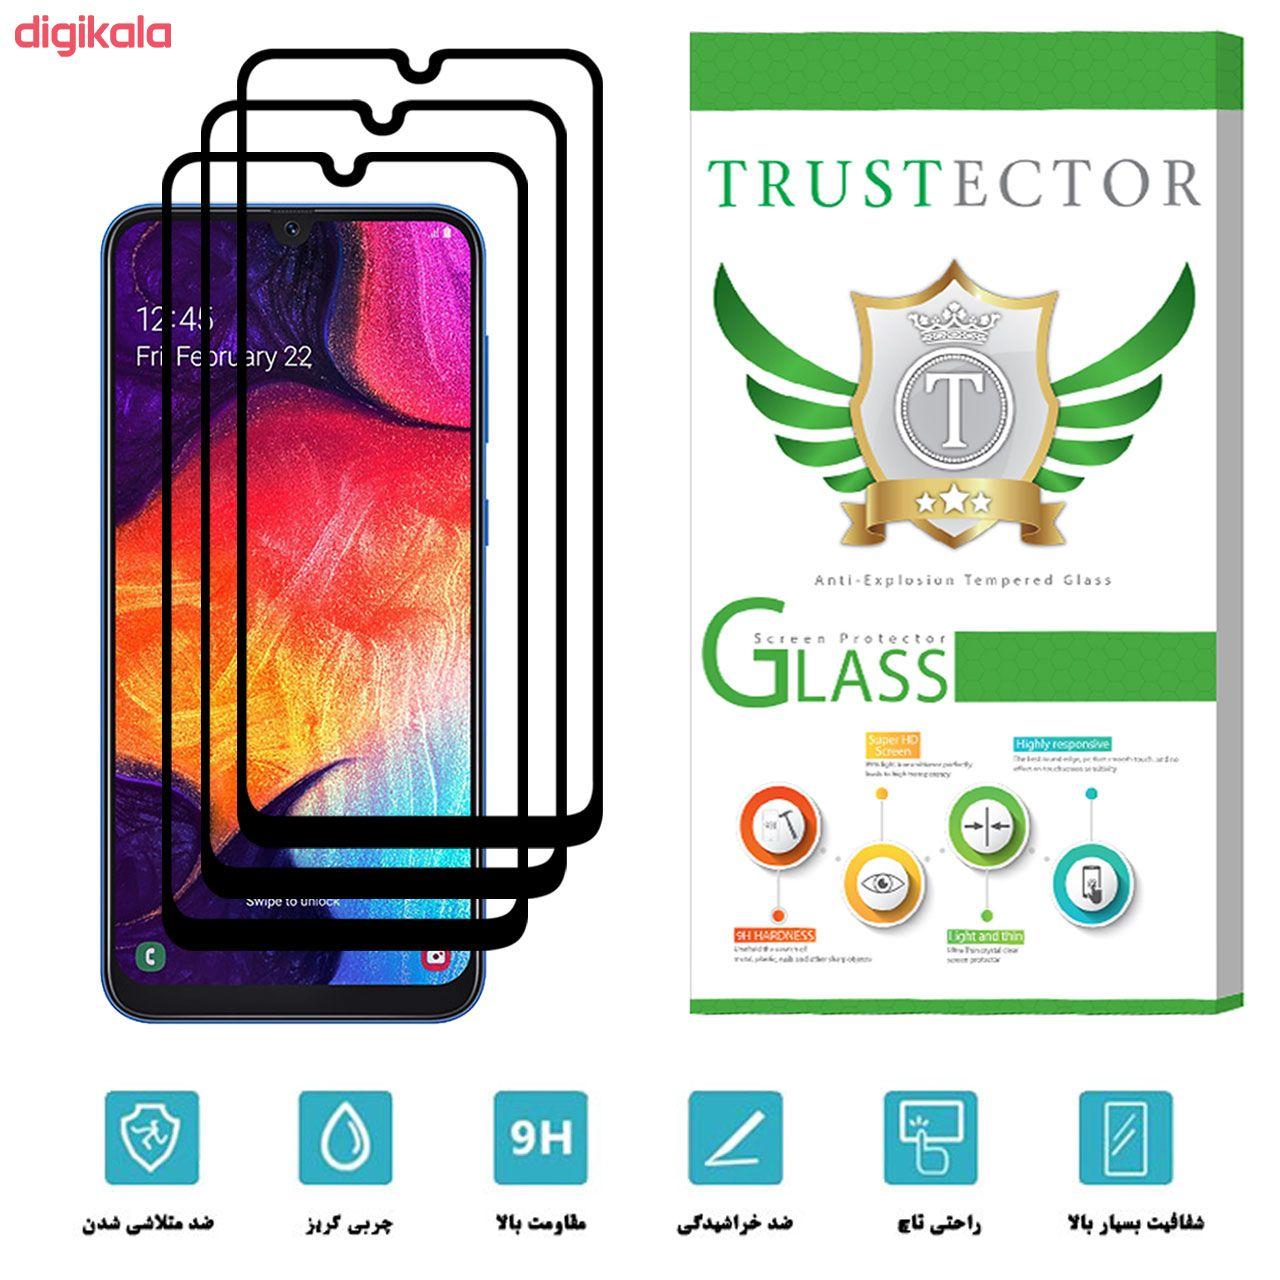 محافظ صفحه نمایش تراستکتور مدل GSS مناسب برای گوشی موبایل سامسونگ Galaxy A50 بسته 3 عددی main 1 2